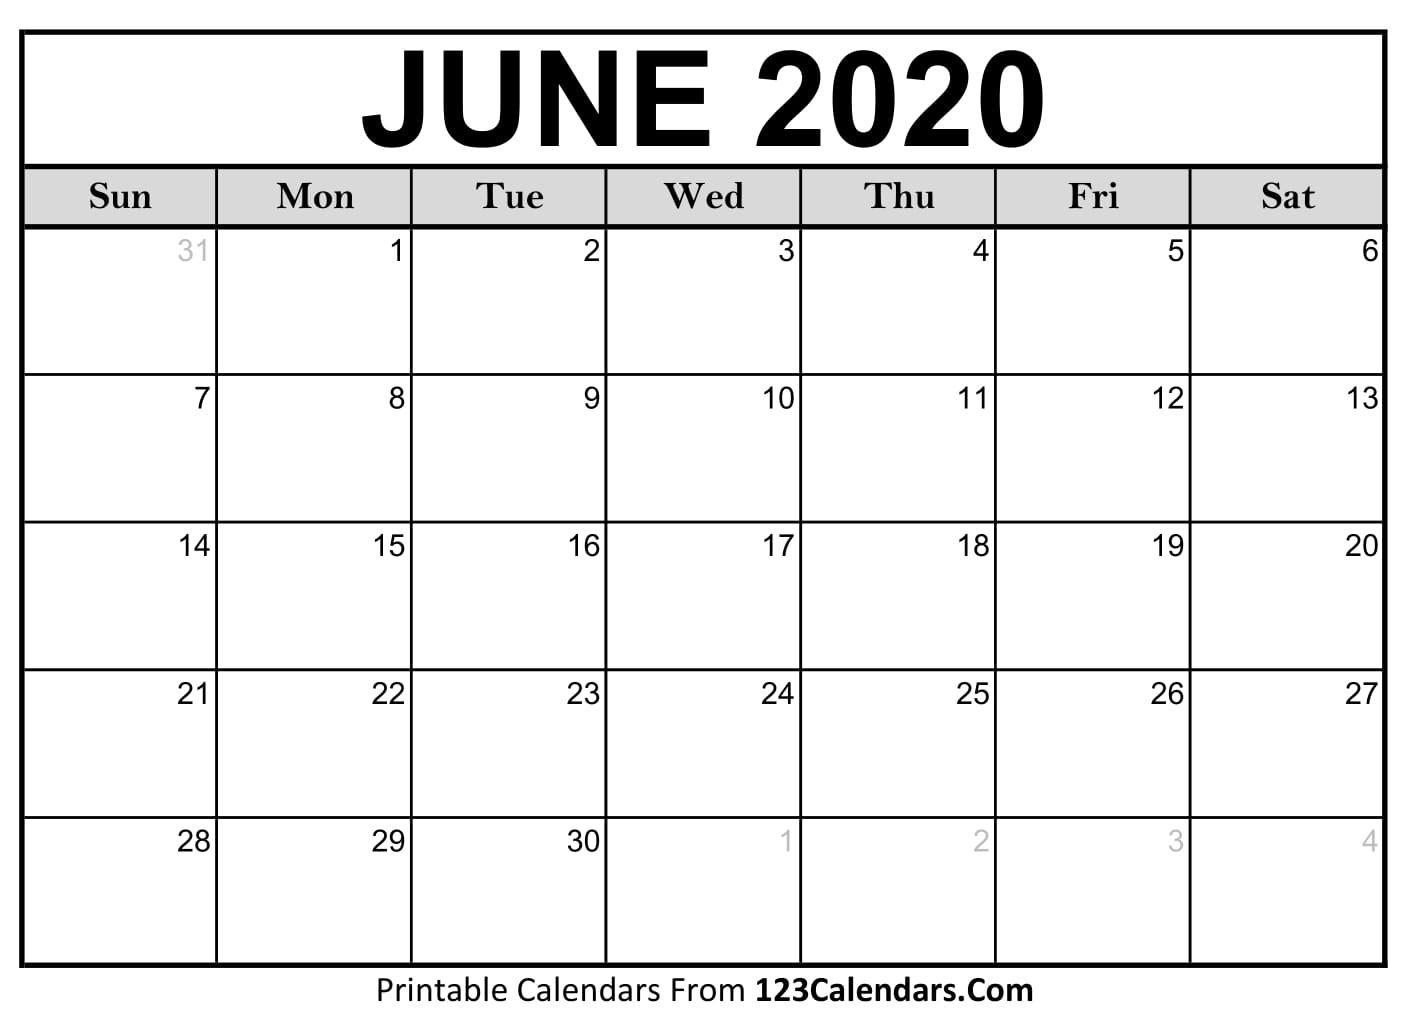 2020 calander to write on calendar inspiration design